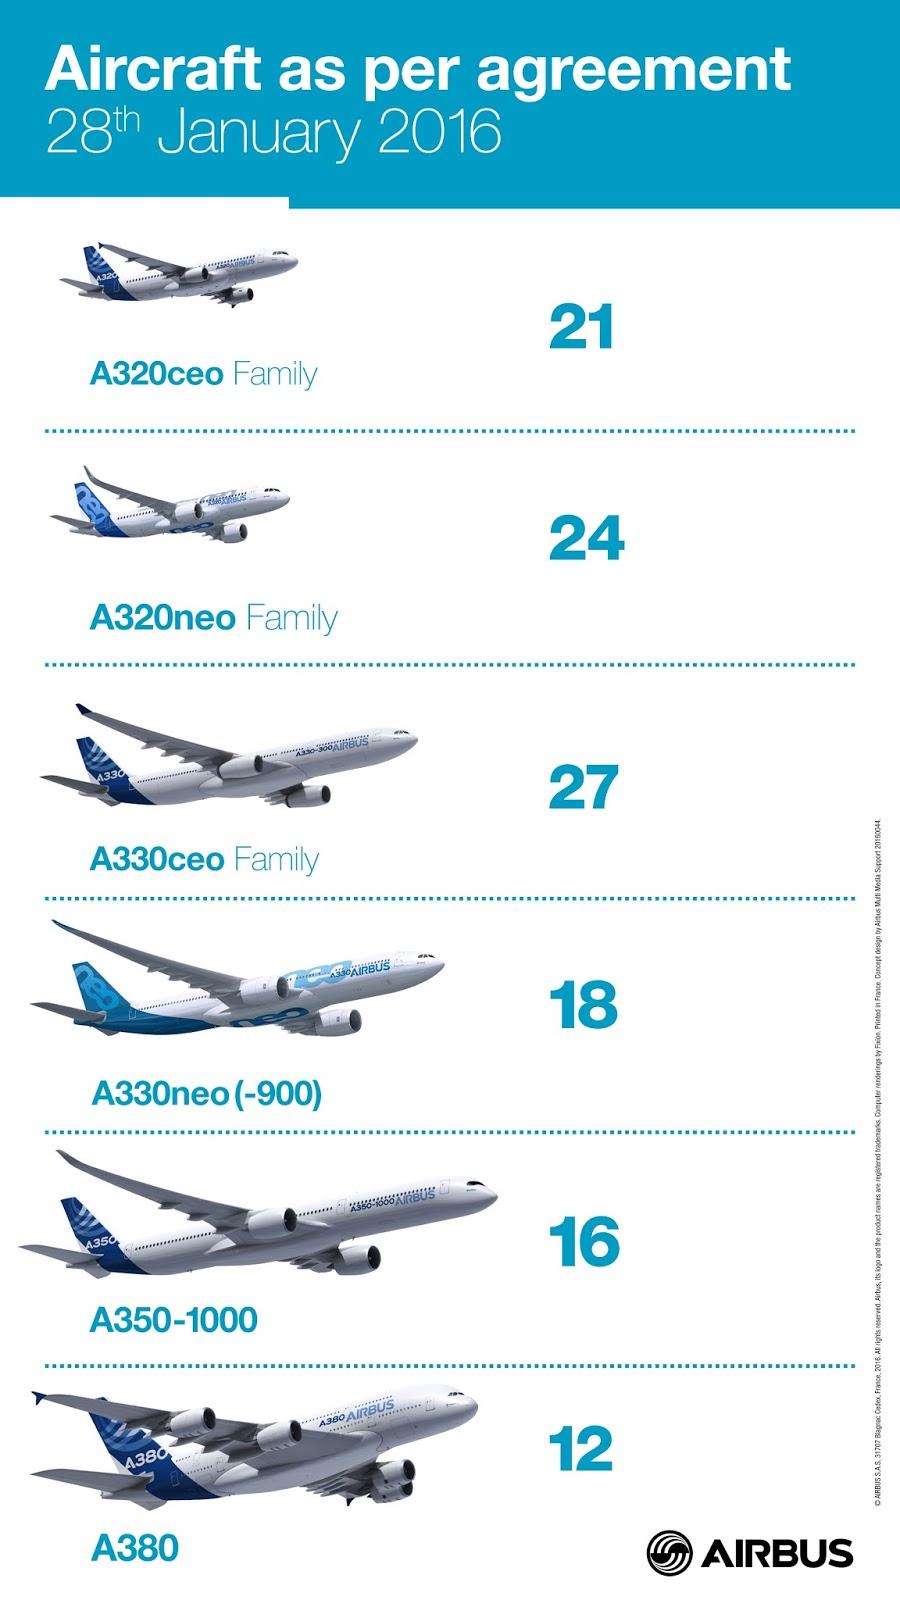 É MAIS QUE VOAR | De A320 ao A380! Iran Air seleciona o portfólio completo de jatos Airbus para a sua modernização da frota